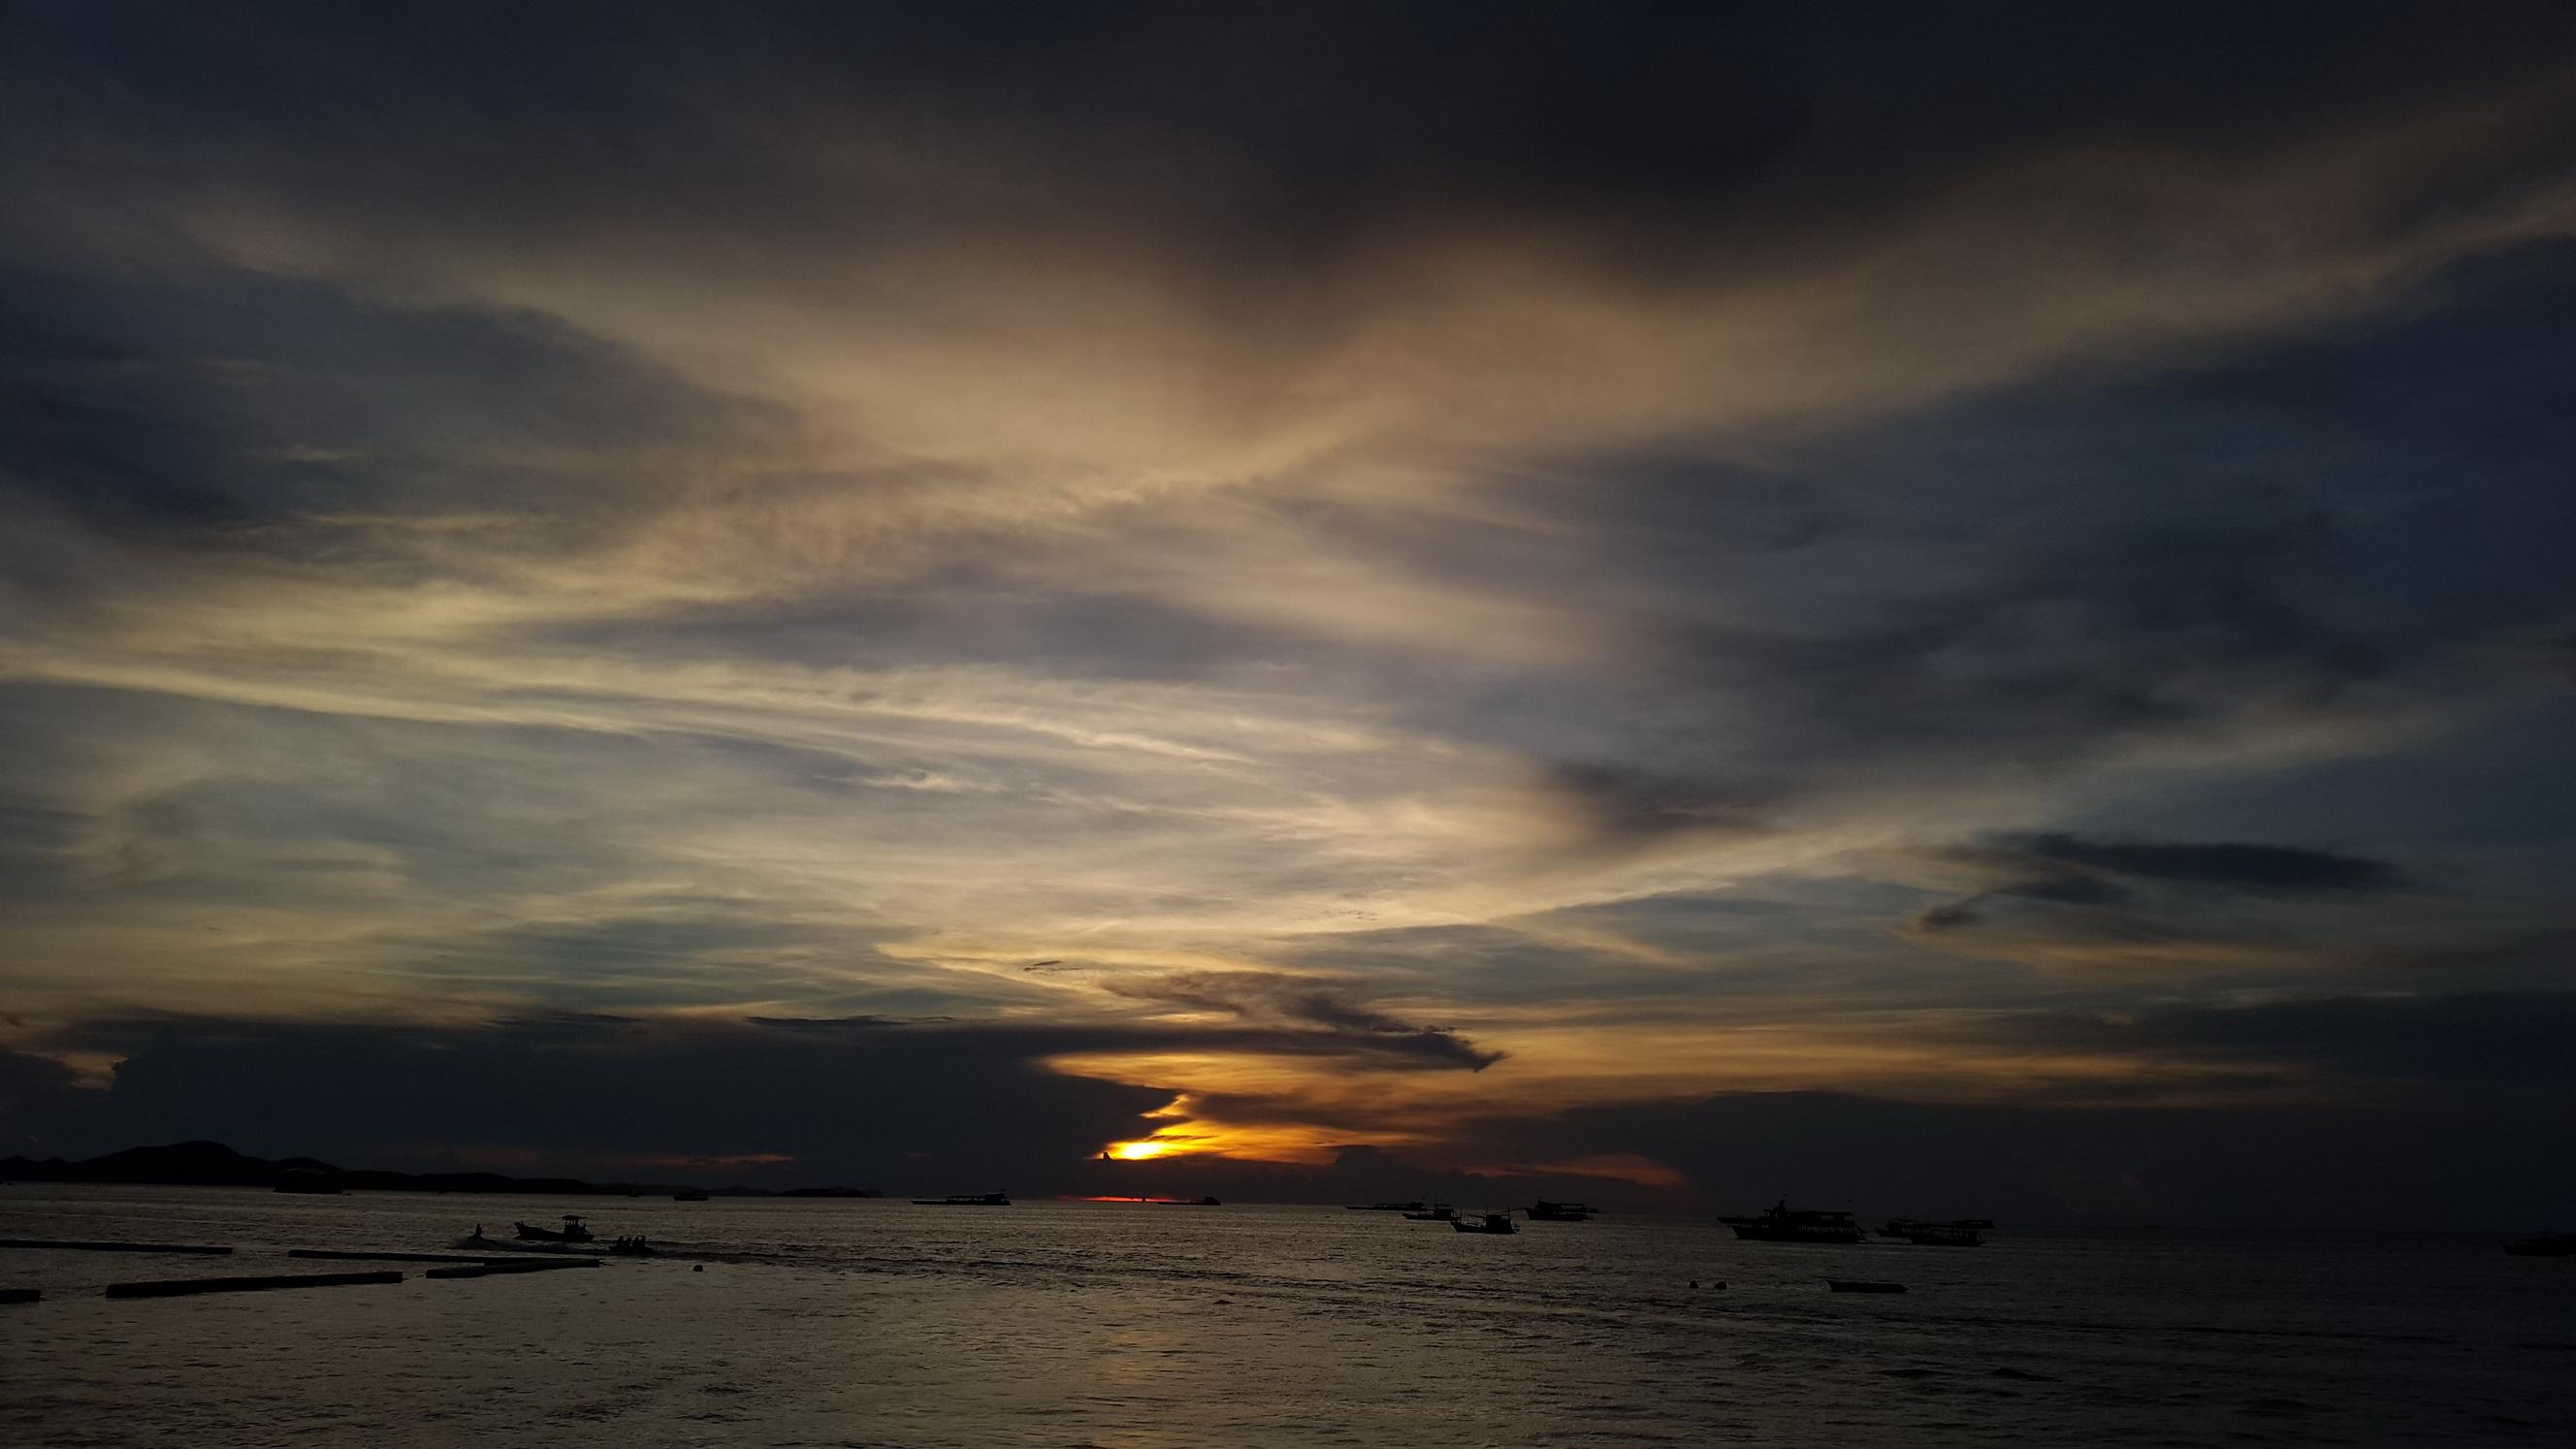 Pattaya Beach At Dusk